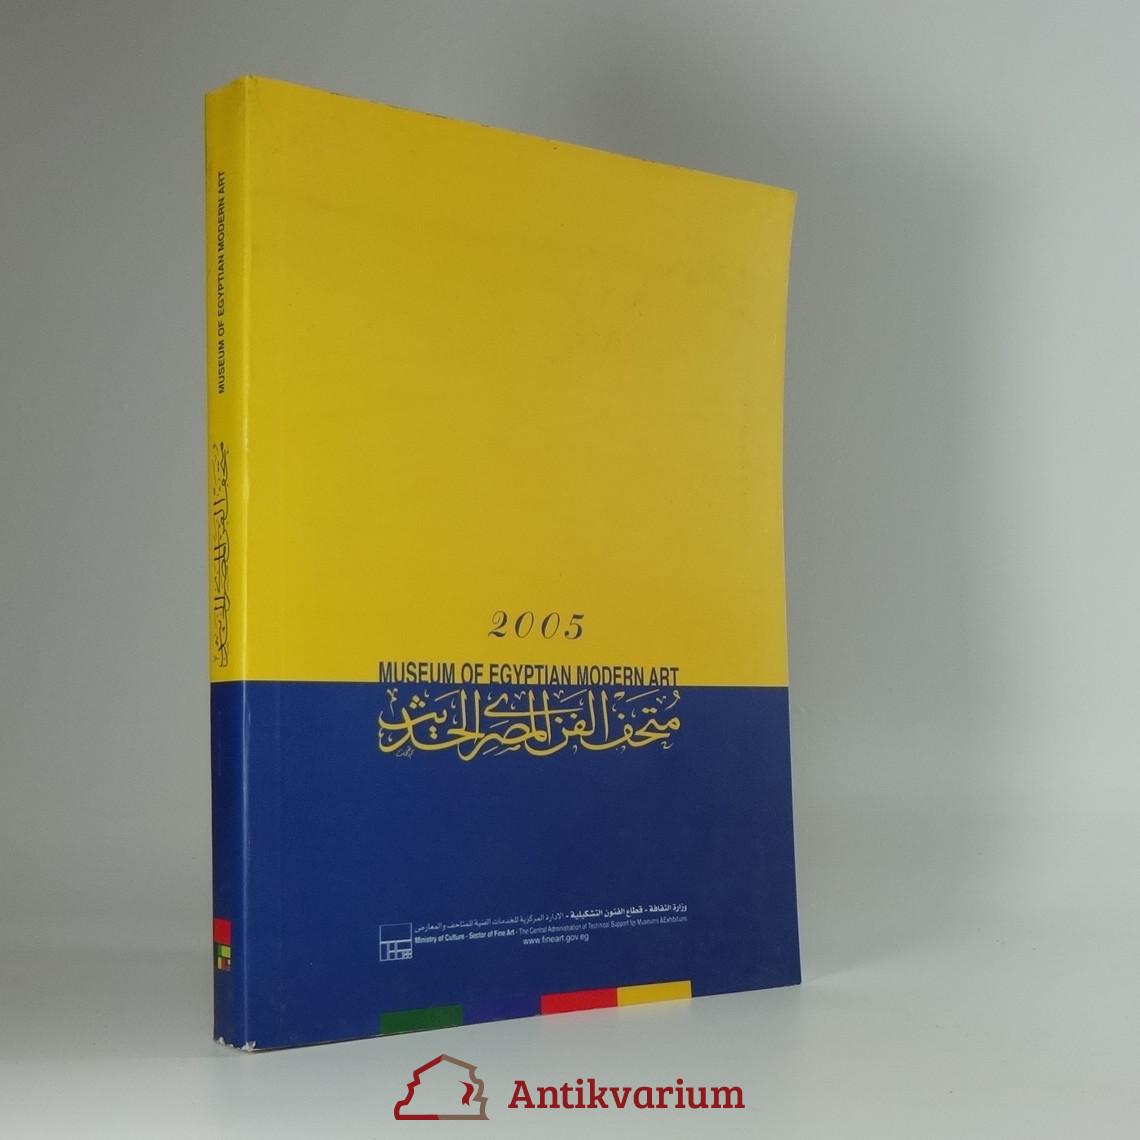 antikvární kniha Museum of Egyptian Modern Art, 2005